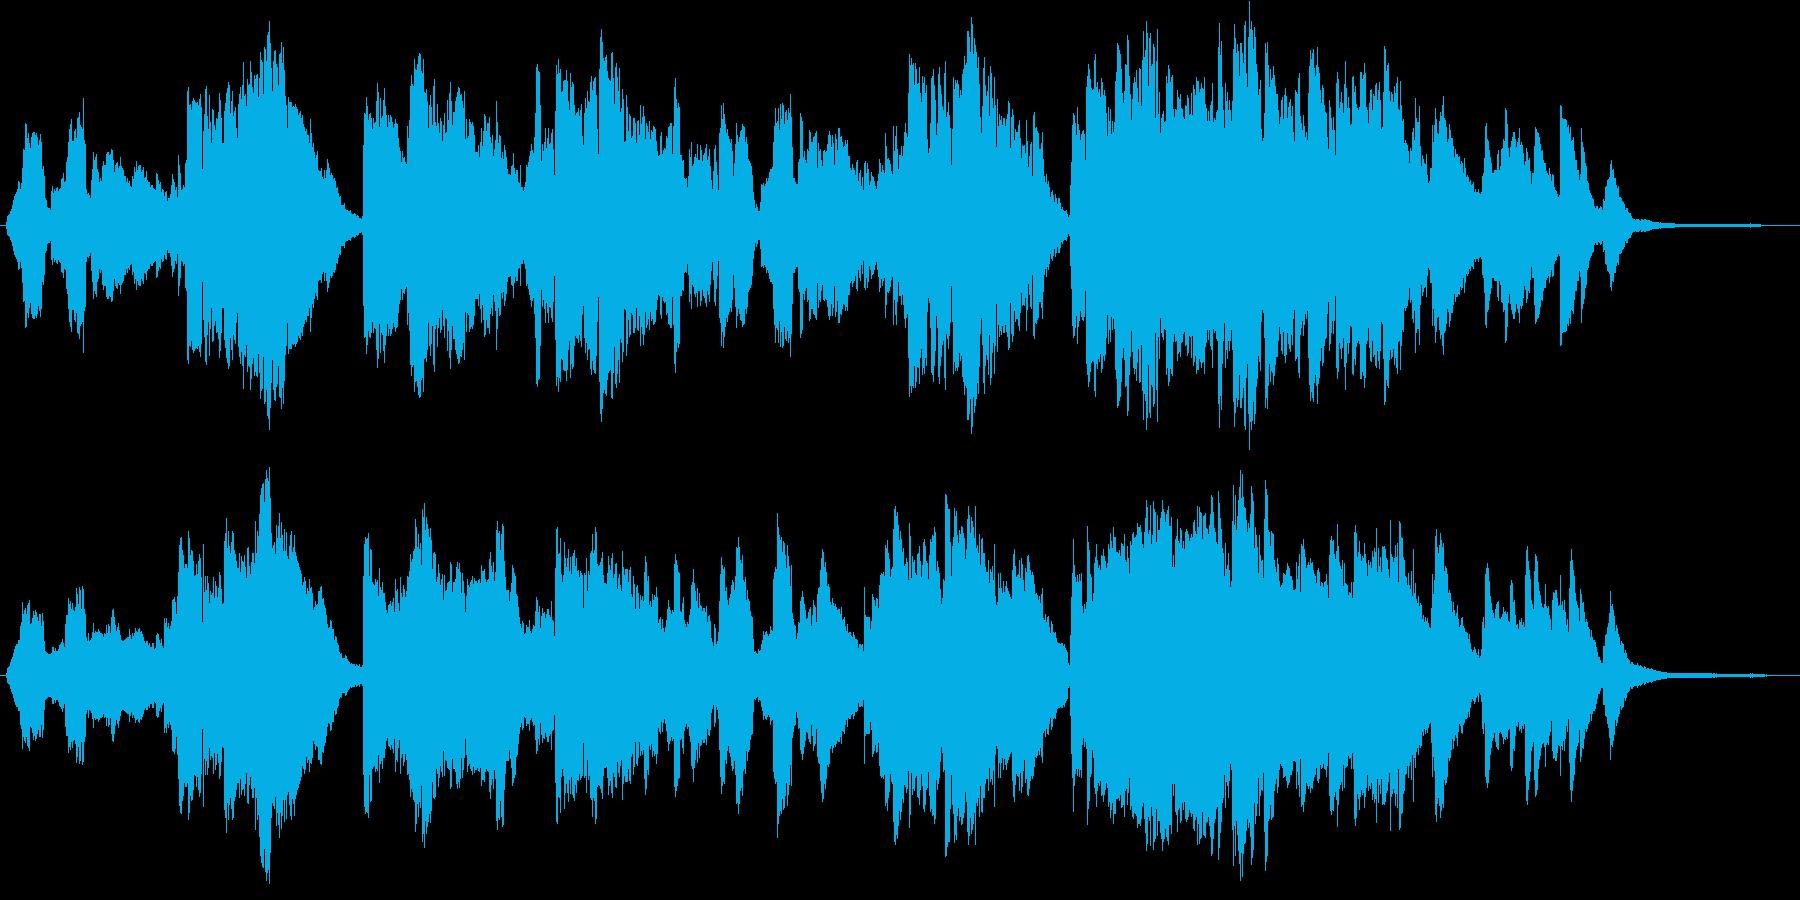 優しく切ないピアノとバイオリンの演奏の再生済みの波形